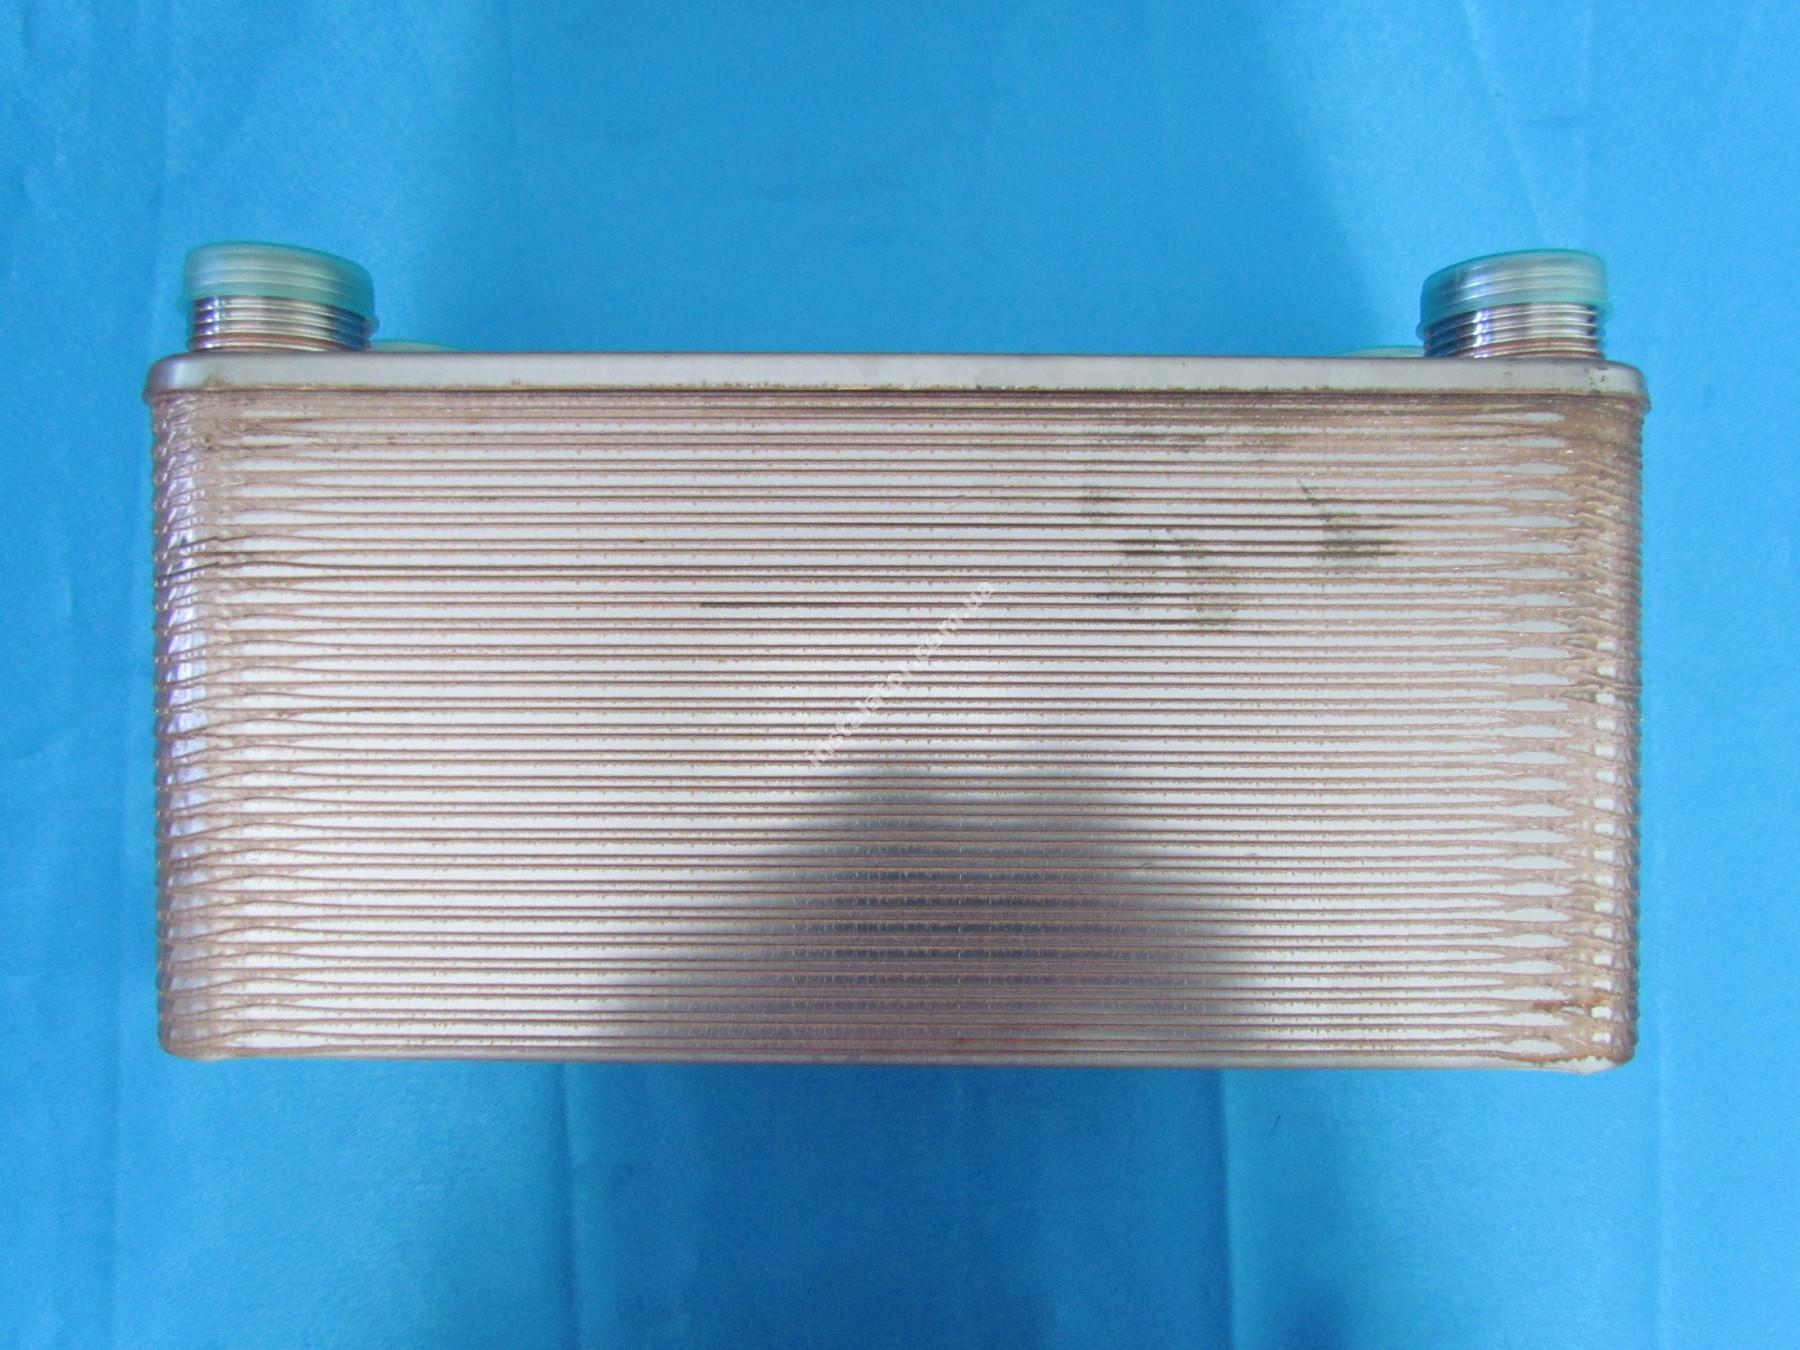 Теплообмінник Womix B3 - 50 пластин full-image-2